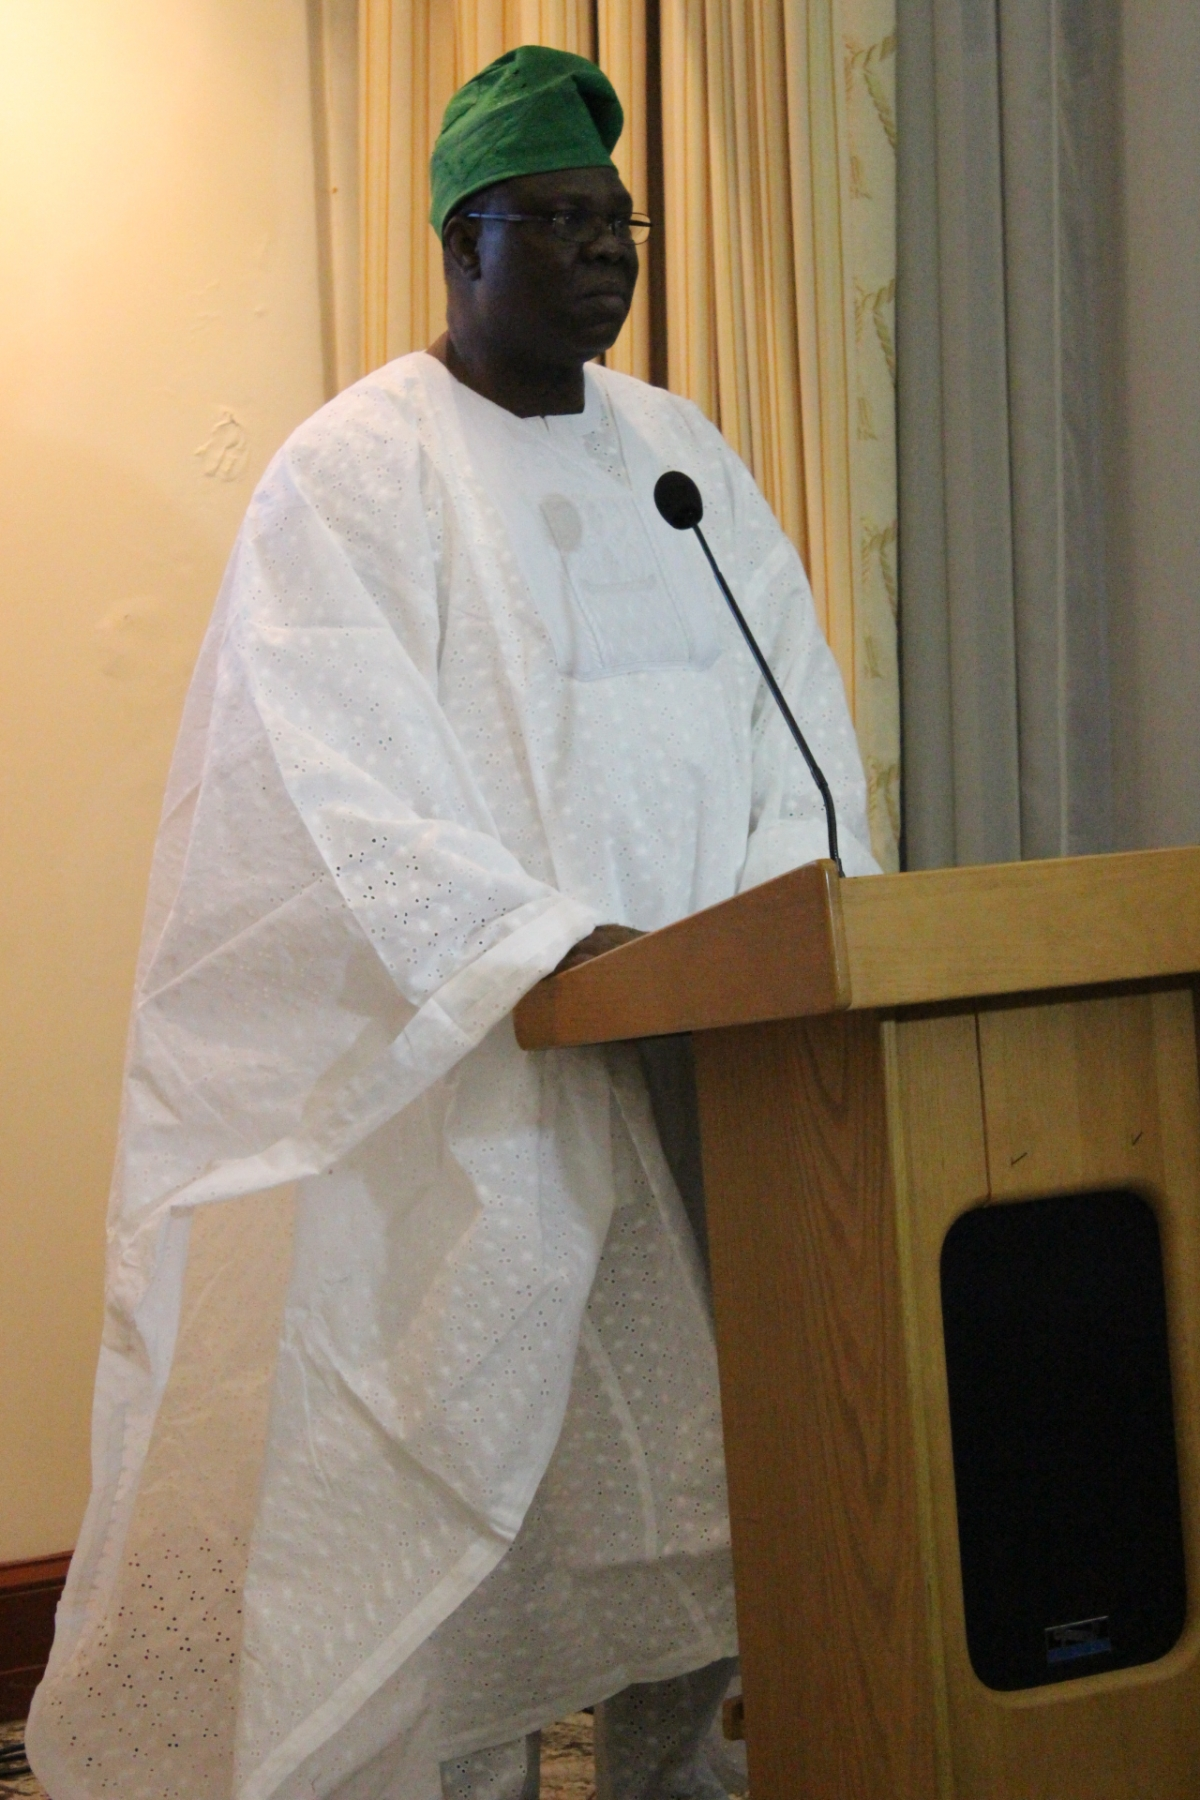 Nigerian acting high commissioner to the UKOlukunle Akindele Bamgbose